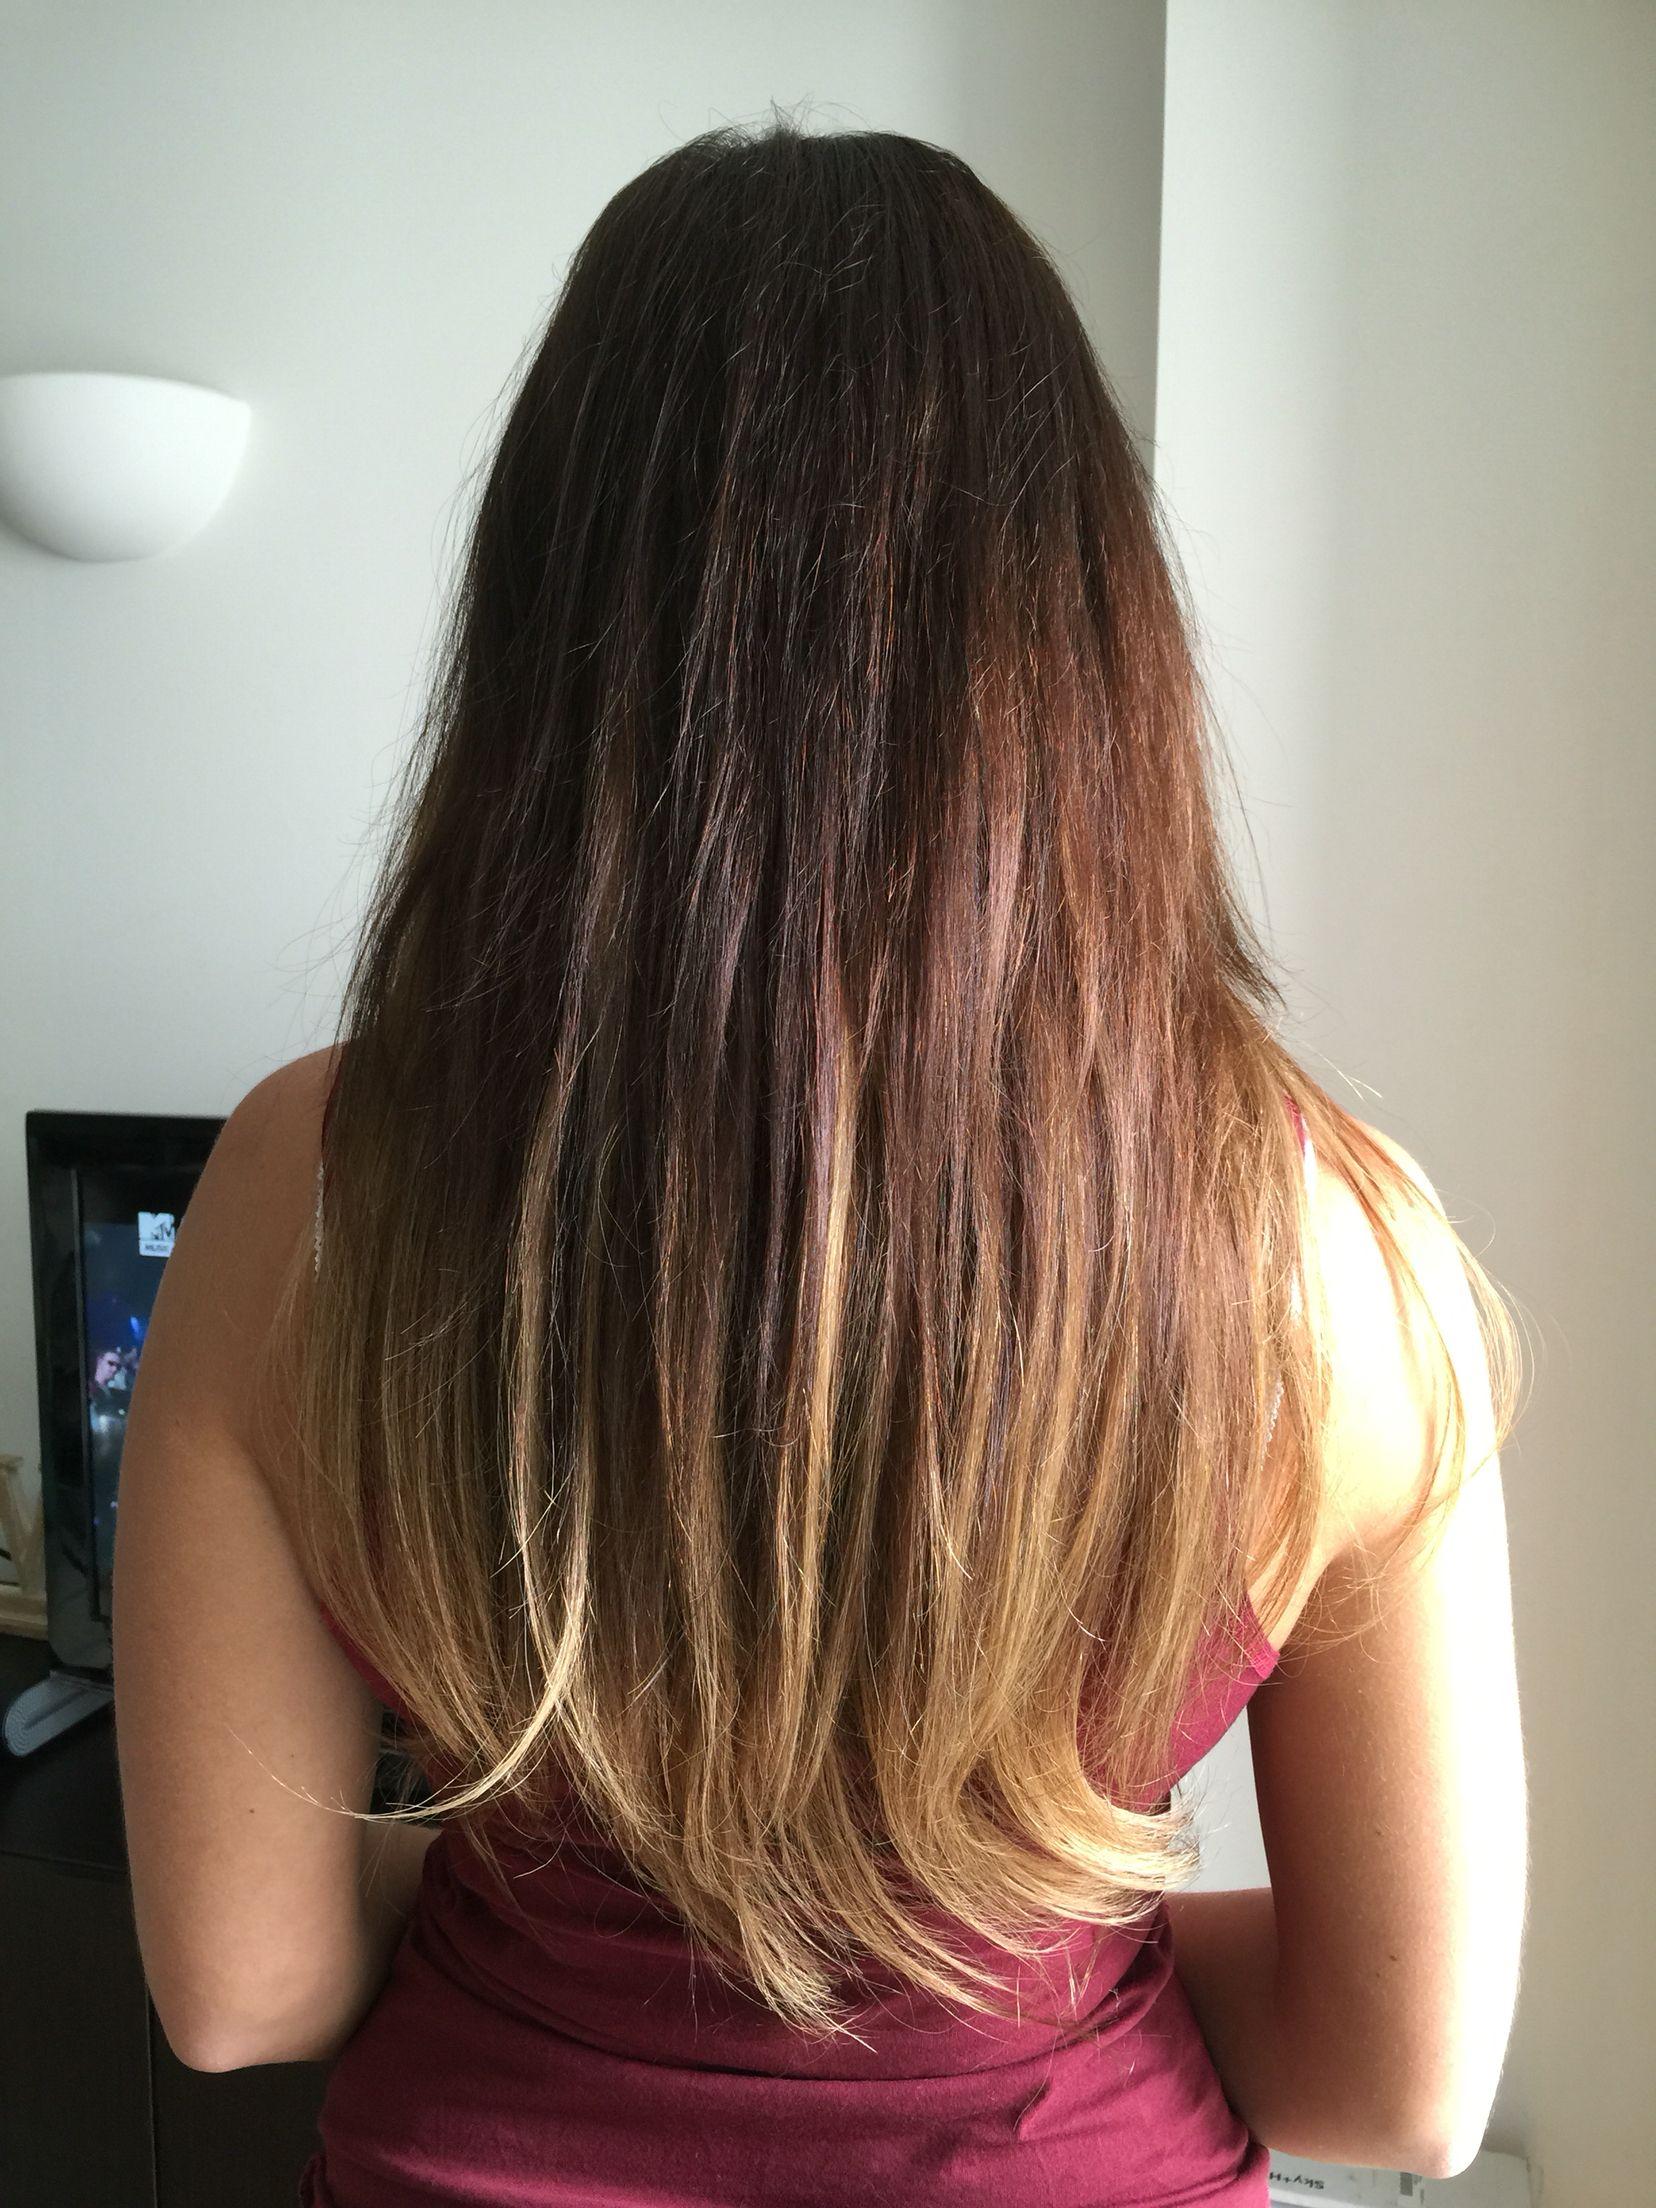 Balmain Ombr Hair Extensions Balmain Hair Extns Pinterest